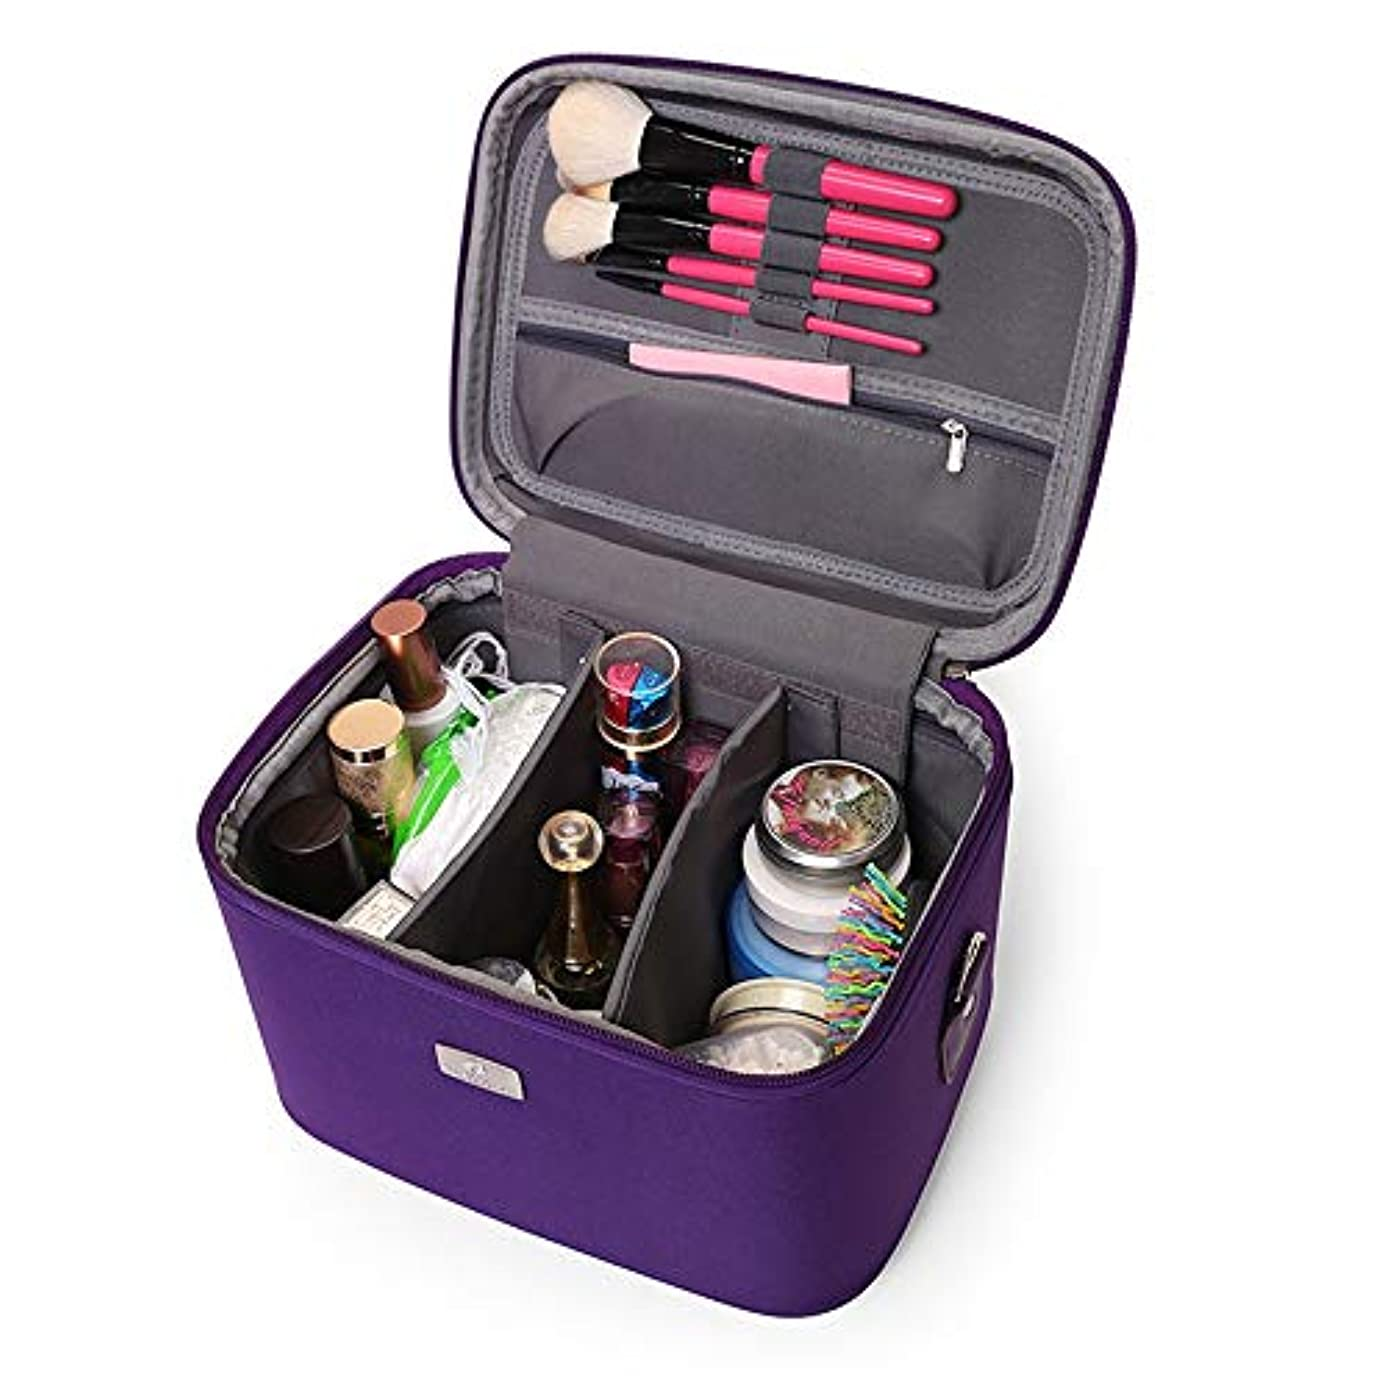 研究なぜならモスク化粧オーガナイザーバッグ 14インチのメイクアップトラベルバッグPUレター防水化粧ケースのティーン女の子の女性アーティスト 化粧品ケース (色 : 紫の)